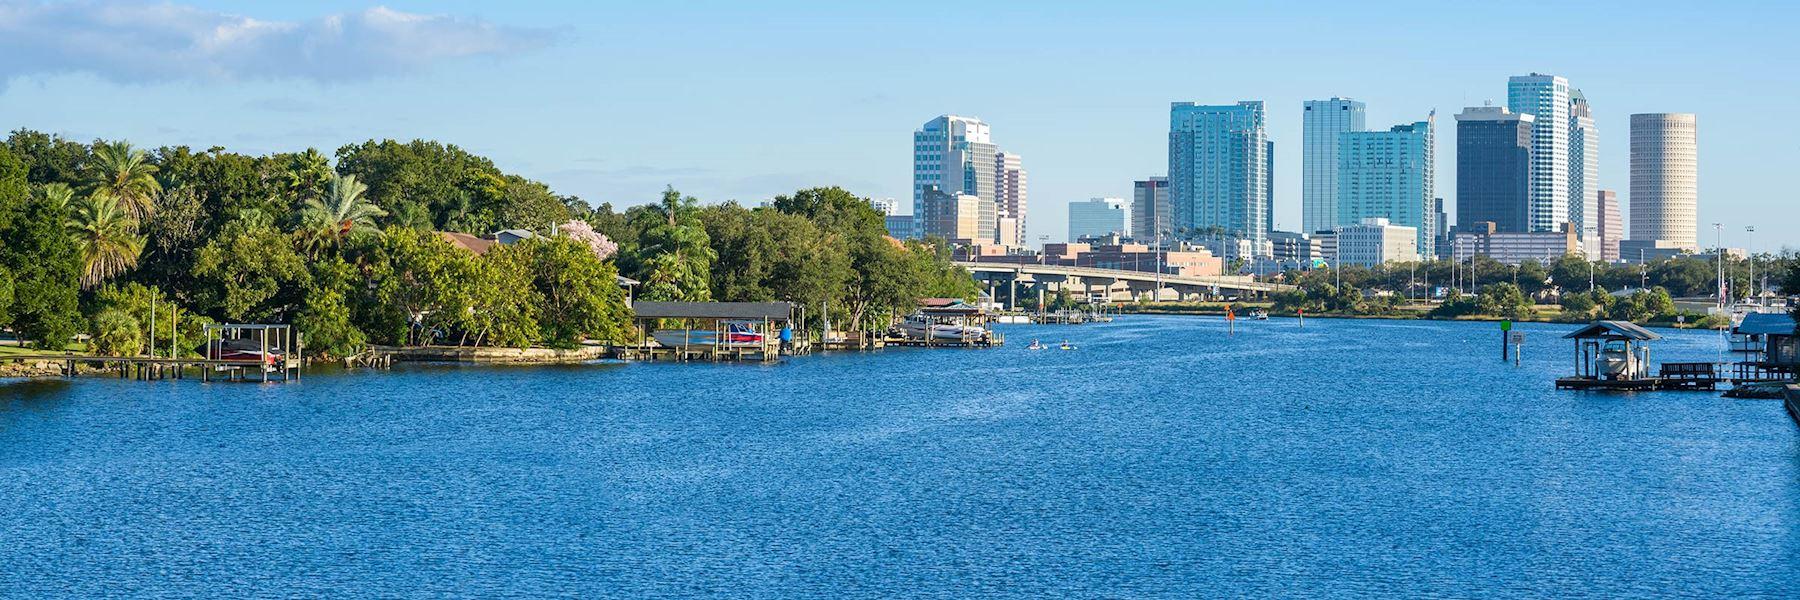 Visit Tampa, USA